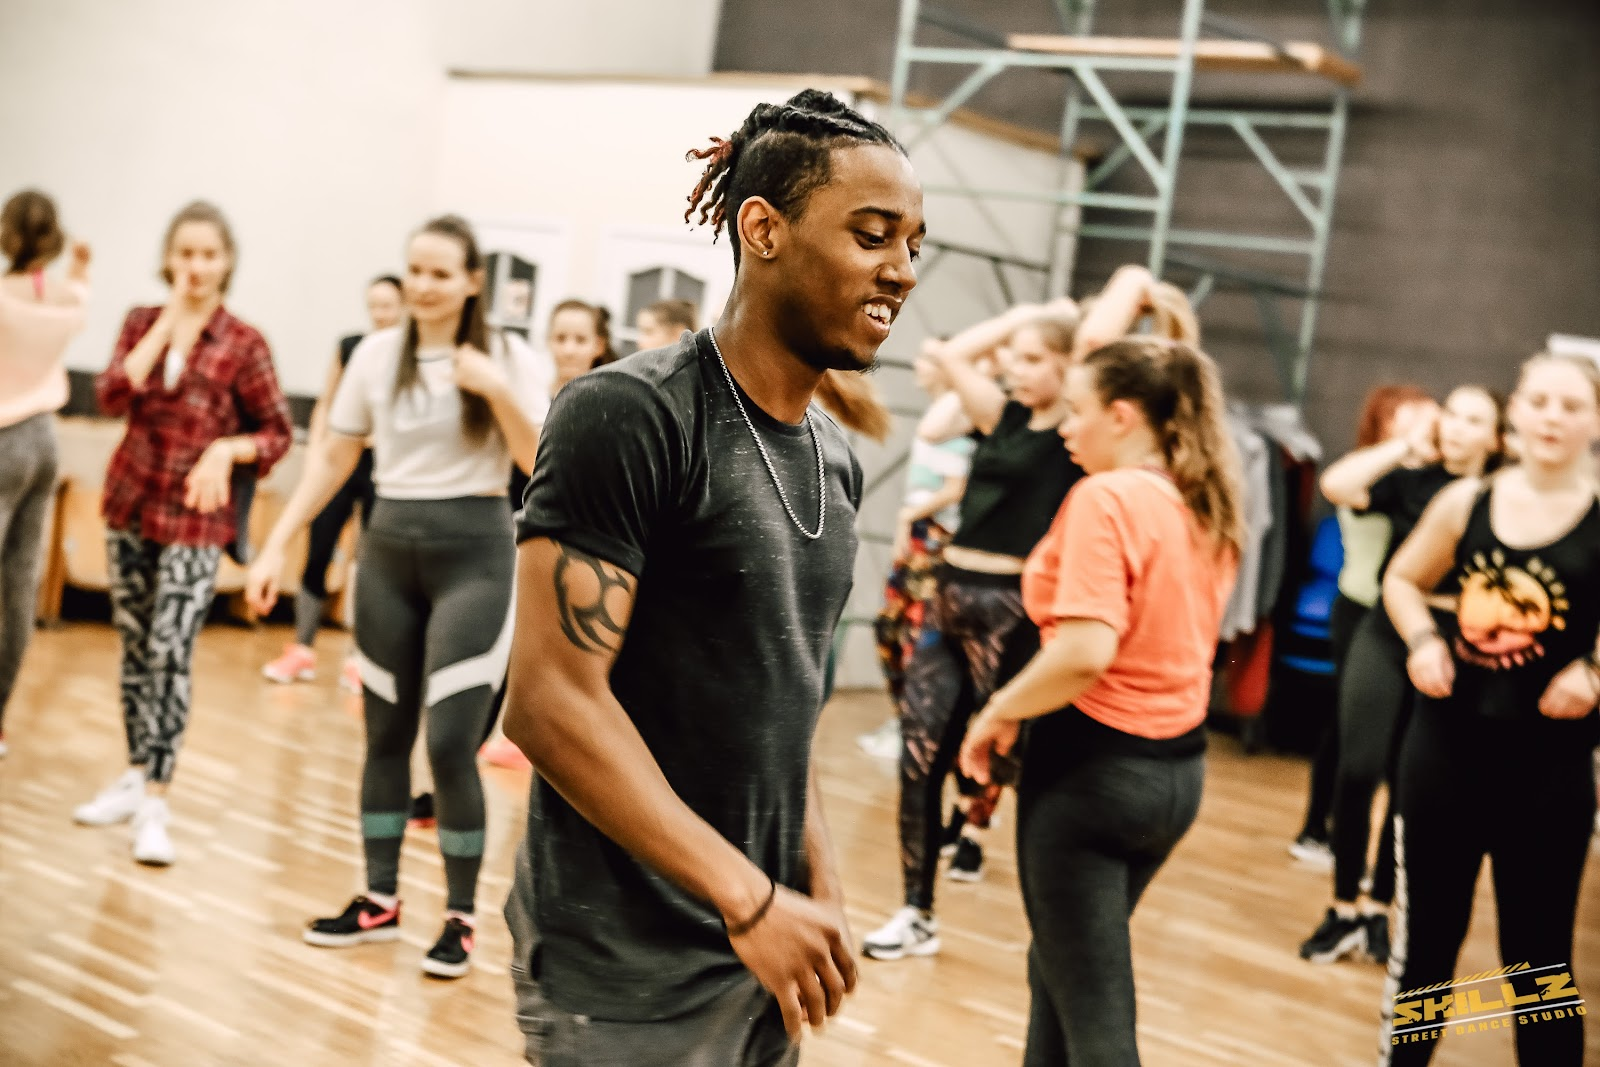 Dancehall Takeover seminarai (Jamaika, Belgija, Prancuzija) - xIMG_0018.jpg